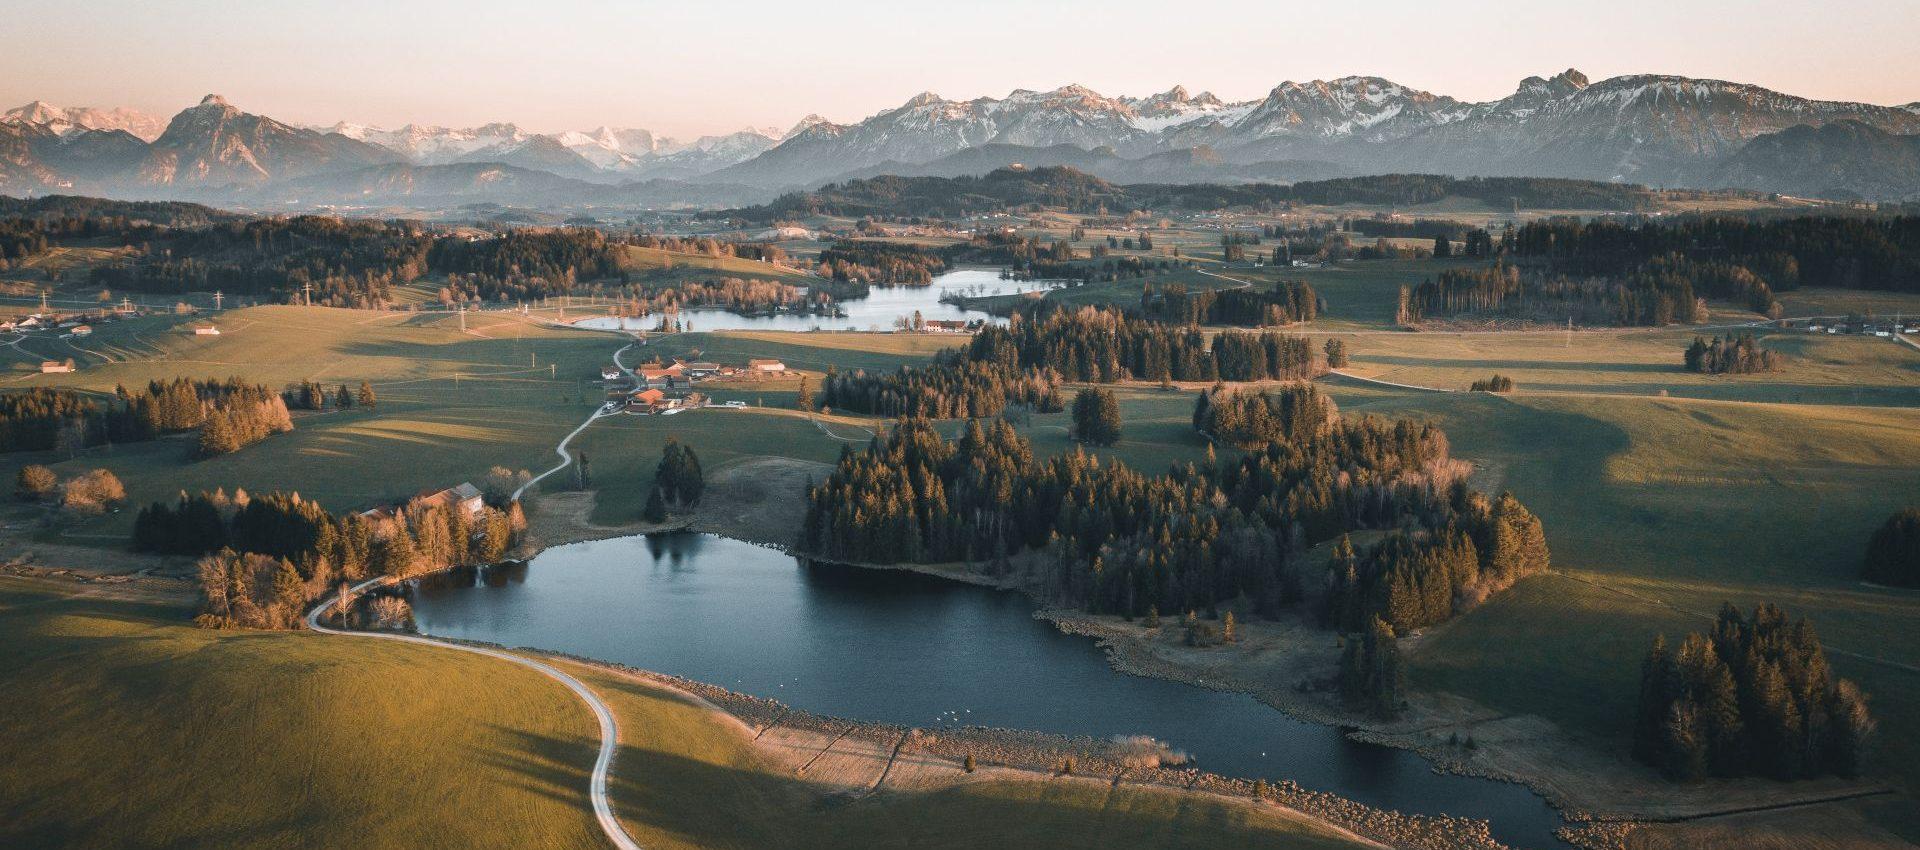 Nesselwang-Ferienregion-04